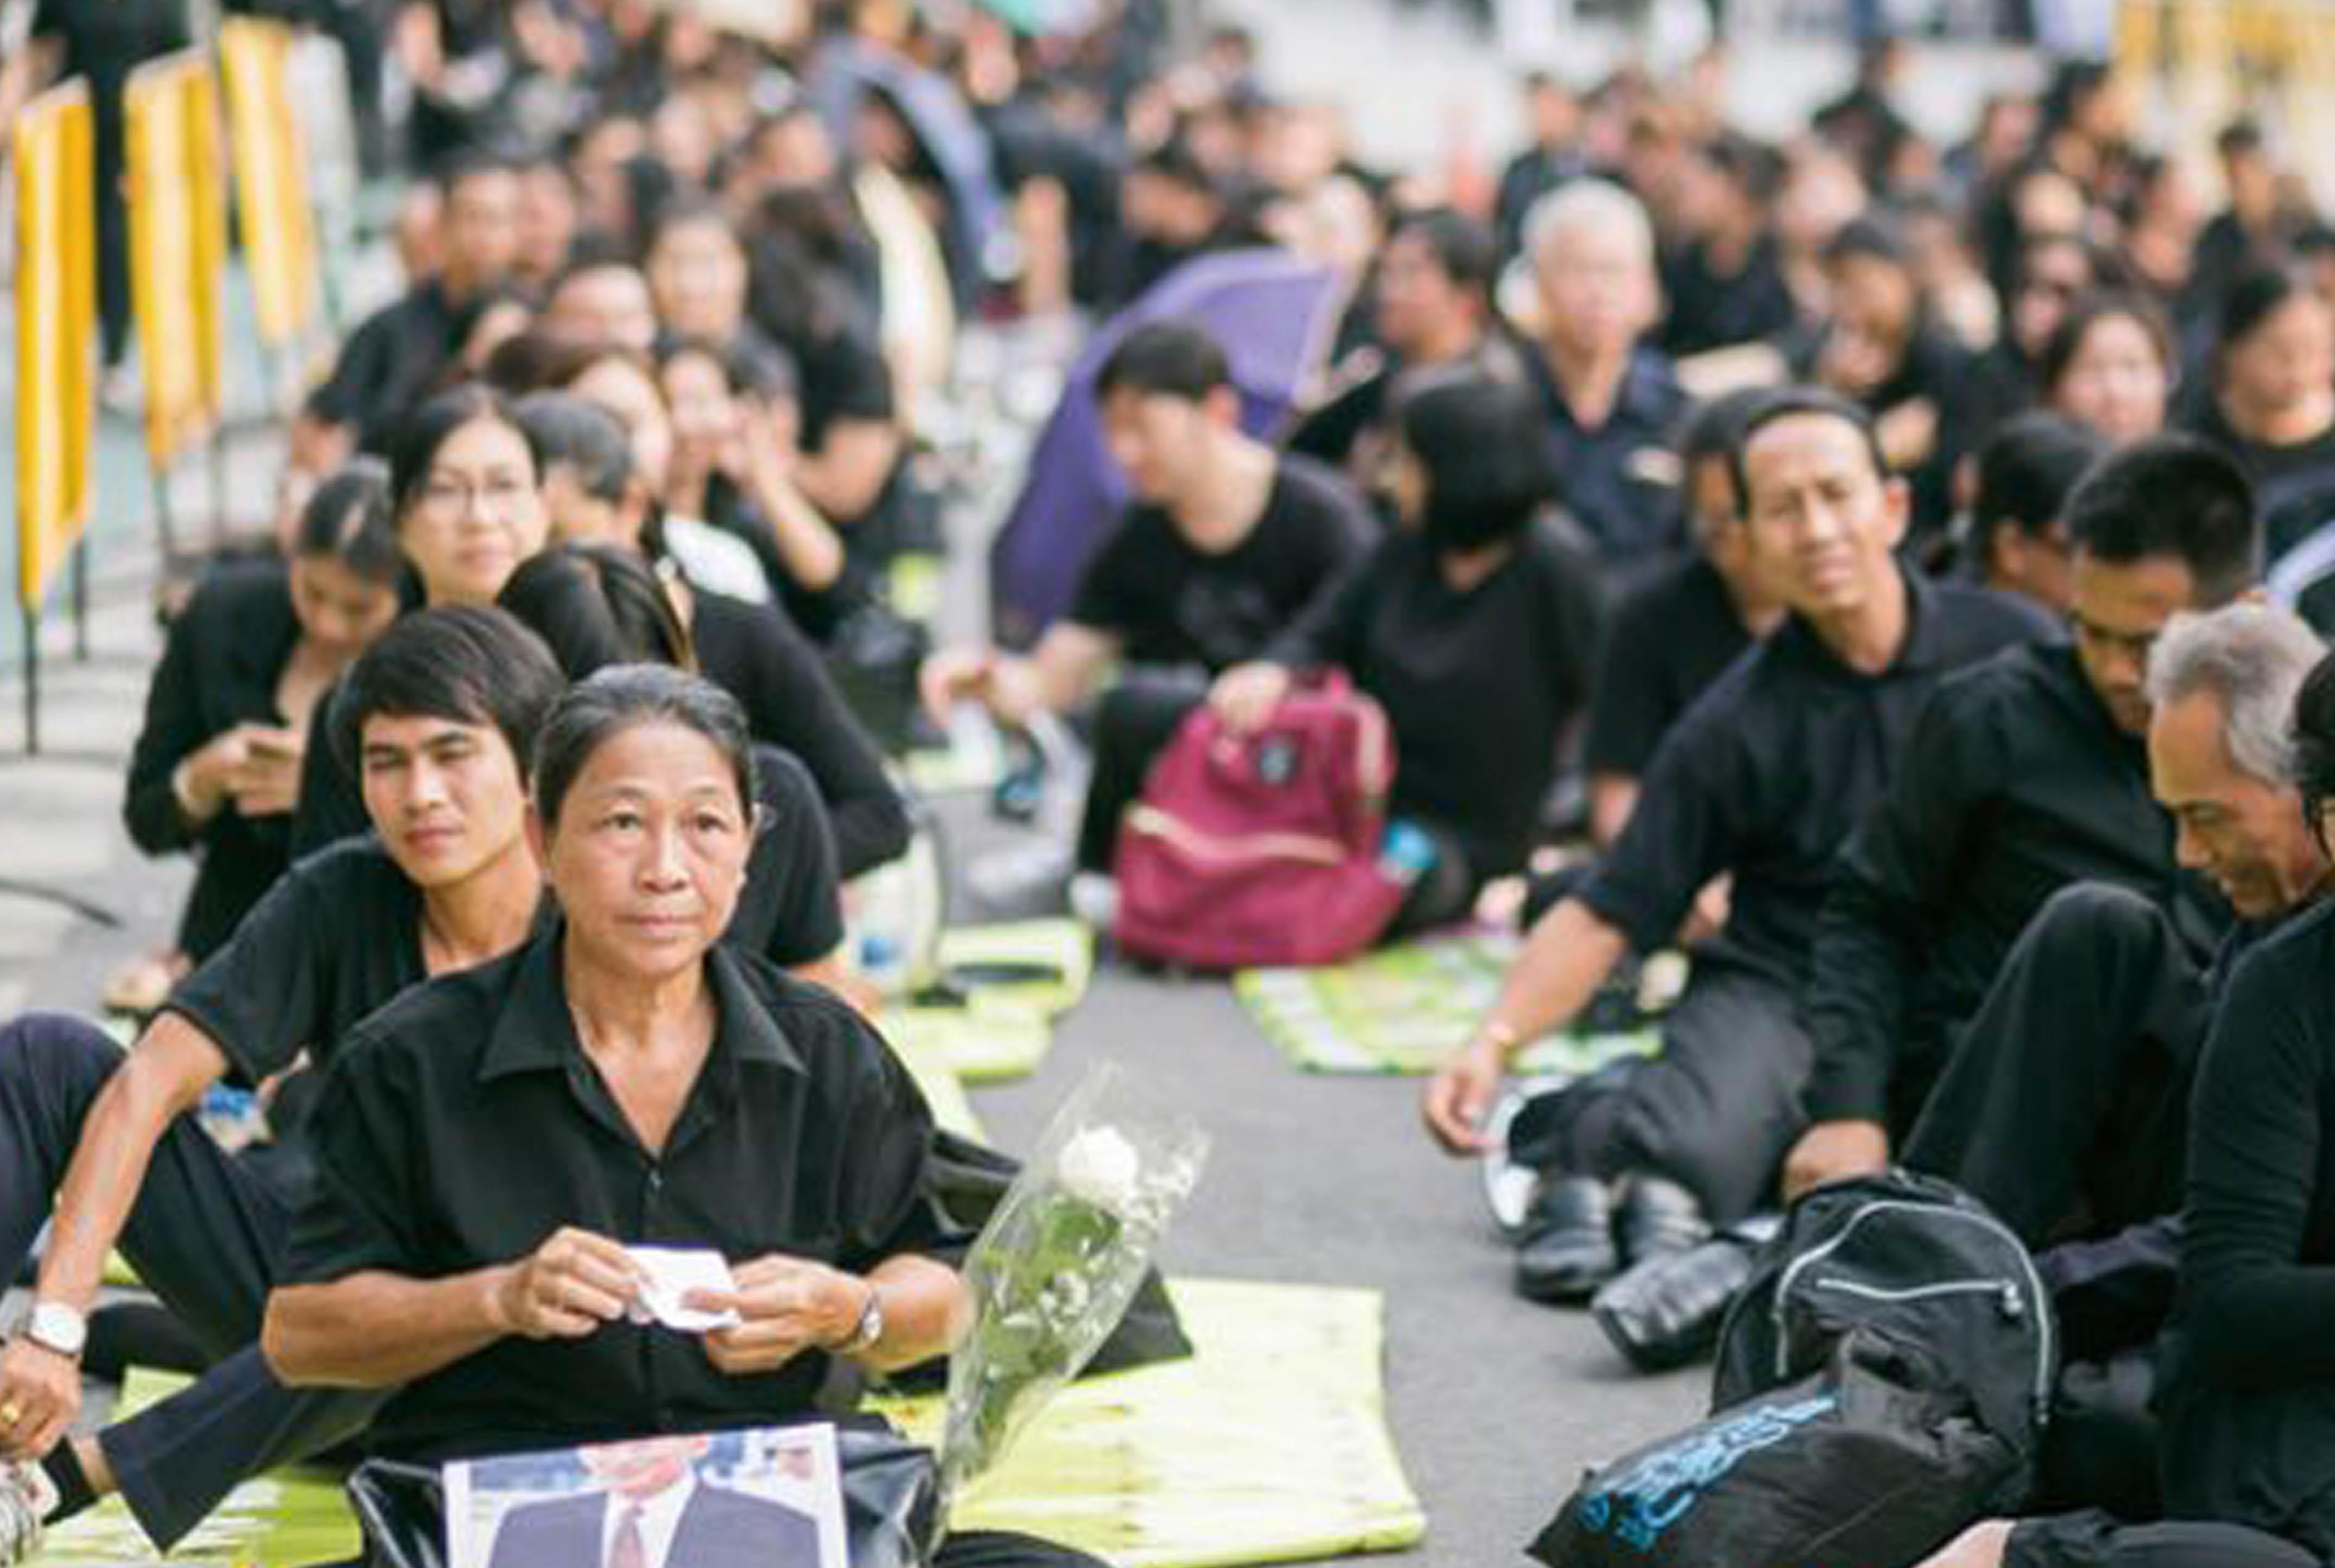 王宮での弔意記帳へ - ワイズデジタル【タイで生活する人のための情報サイト】